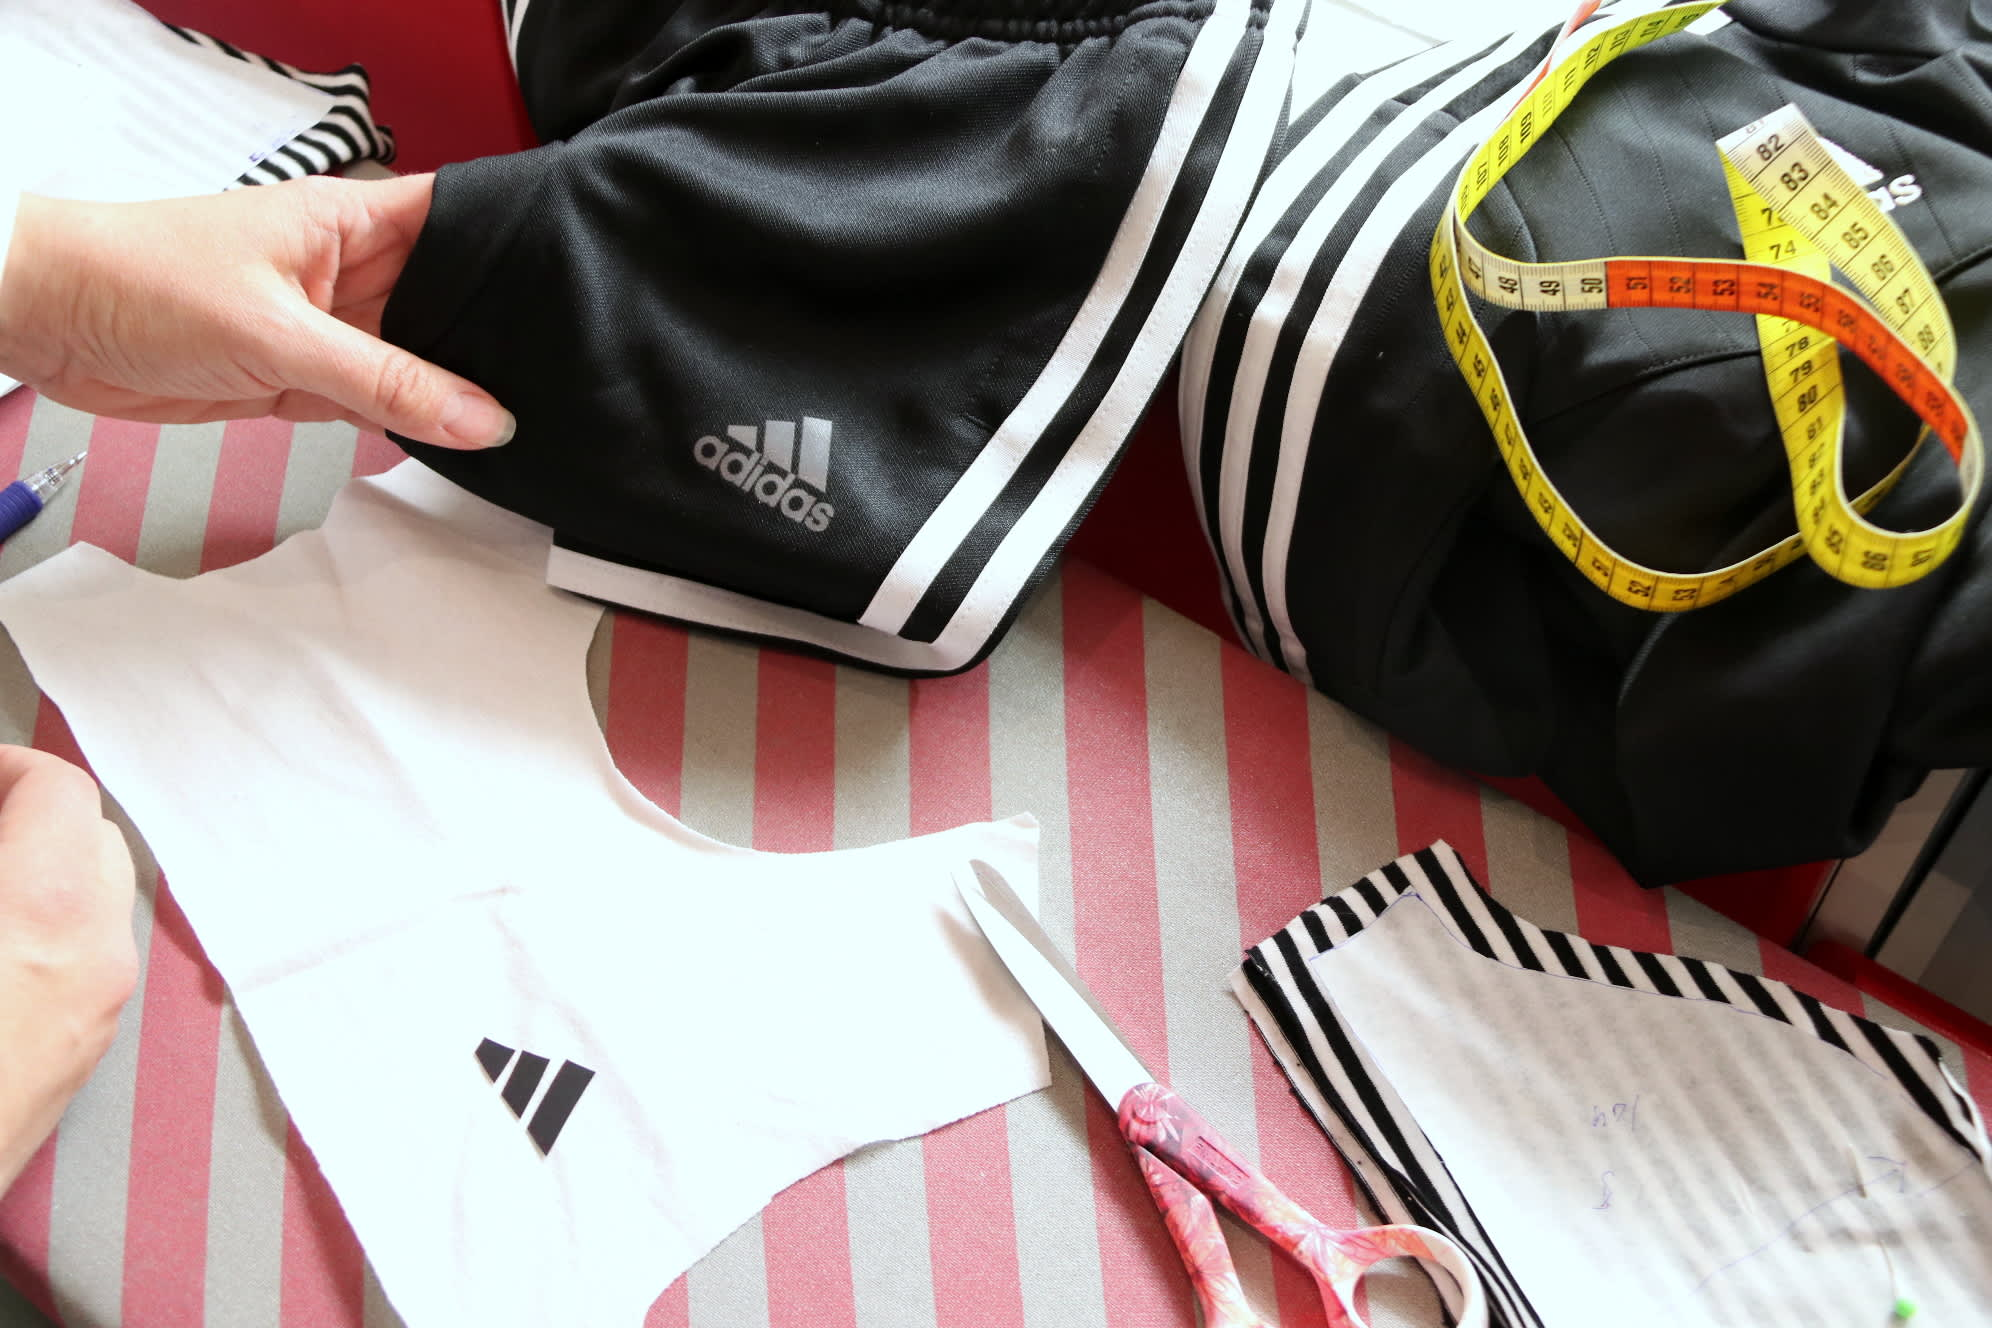 Vaatteita ja vaatteen osia pöydällä